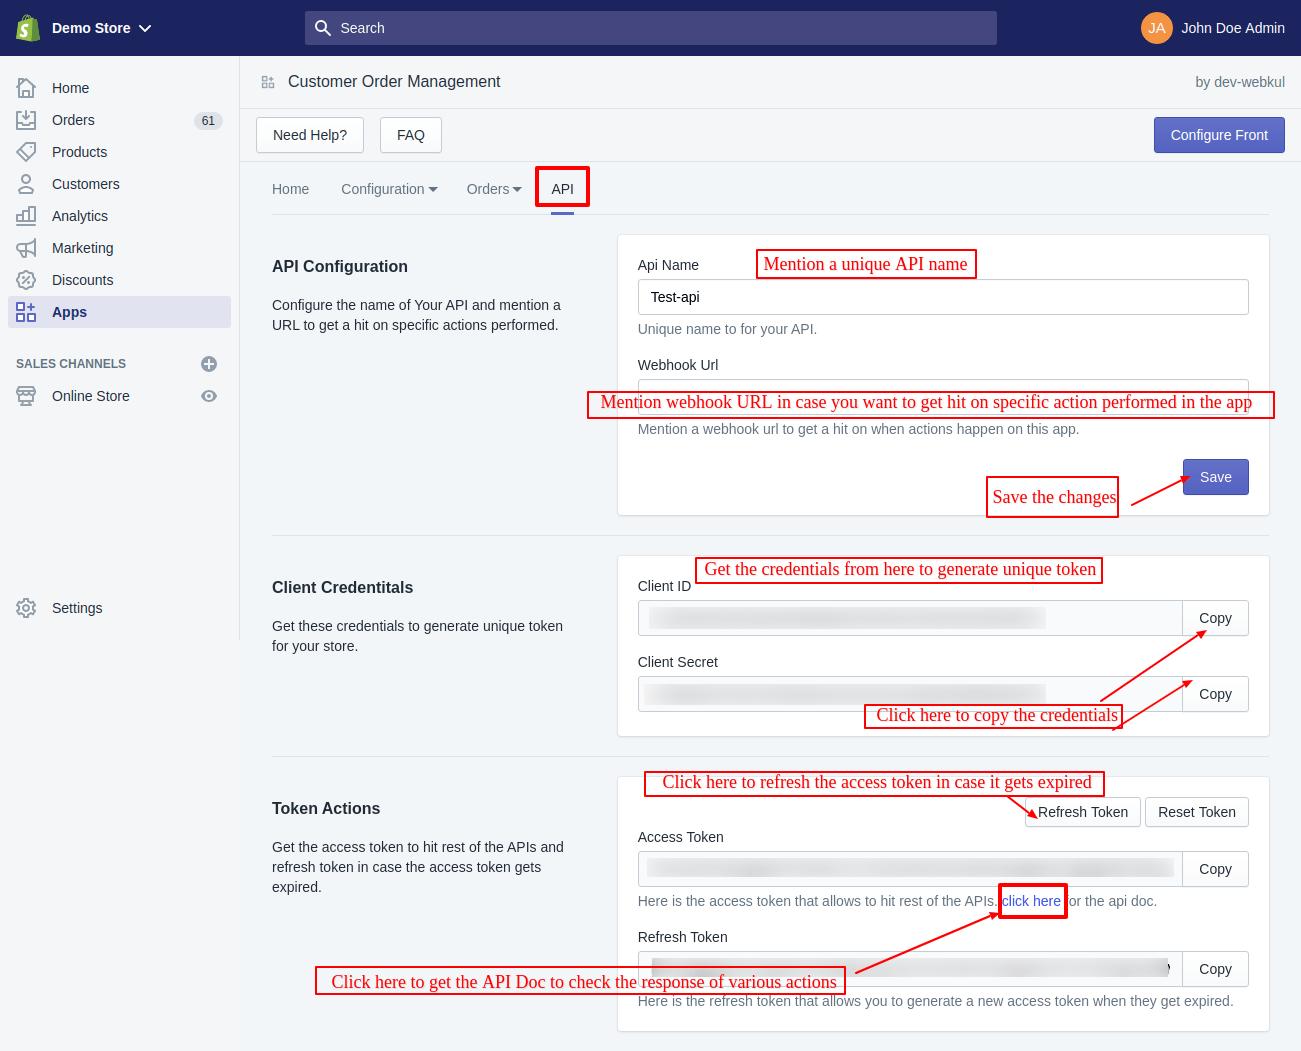 Shopify Customer Order Management